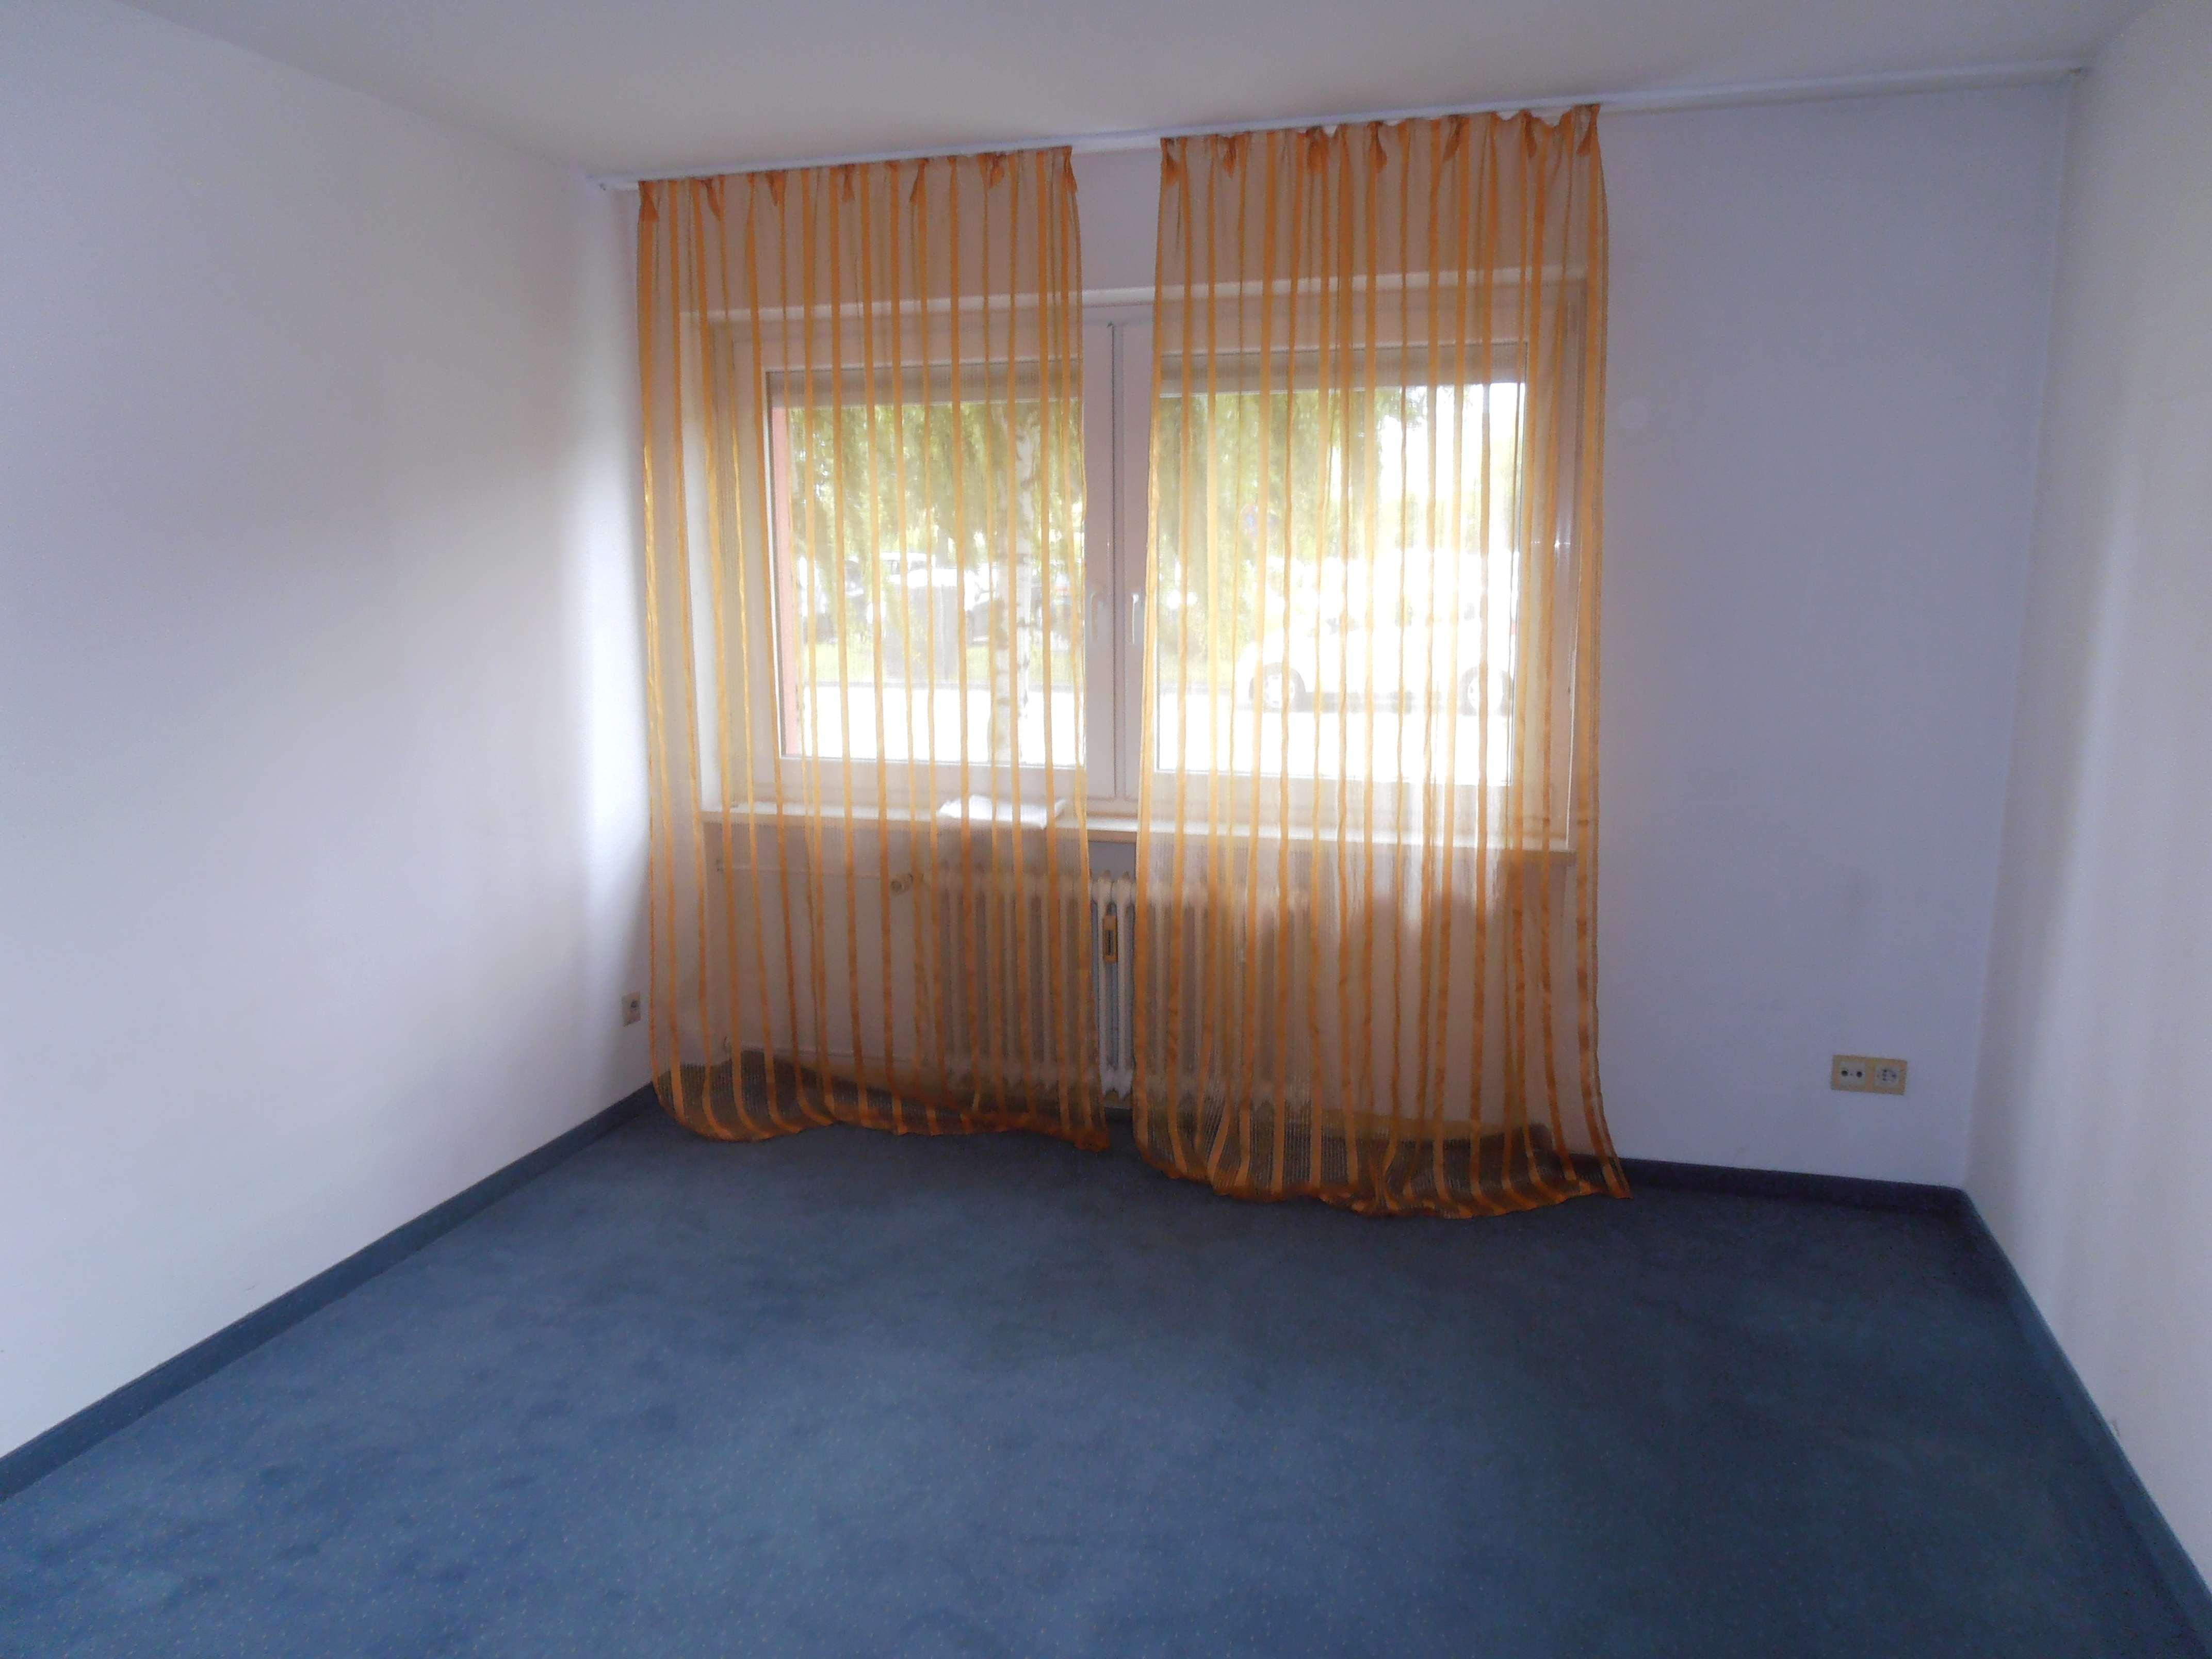 1-Zi.-Appartement in Regensburg Nähe Conti bez. St. Josef Krankenhaus